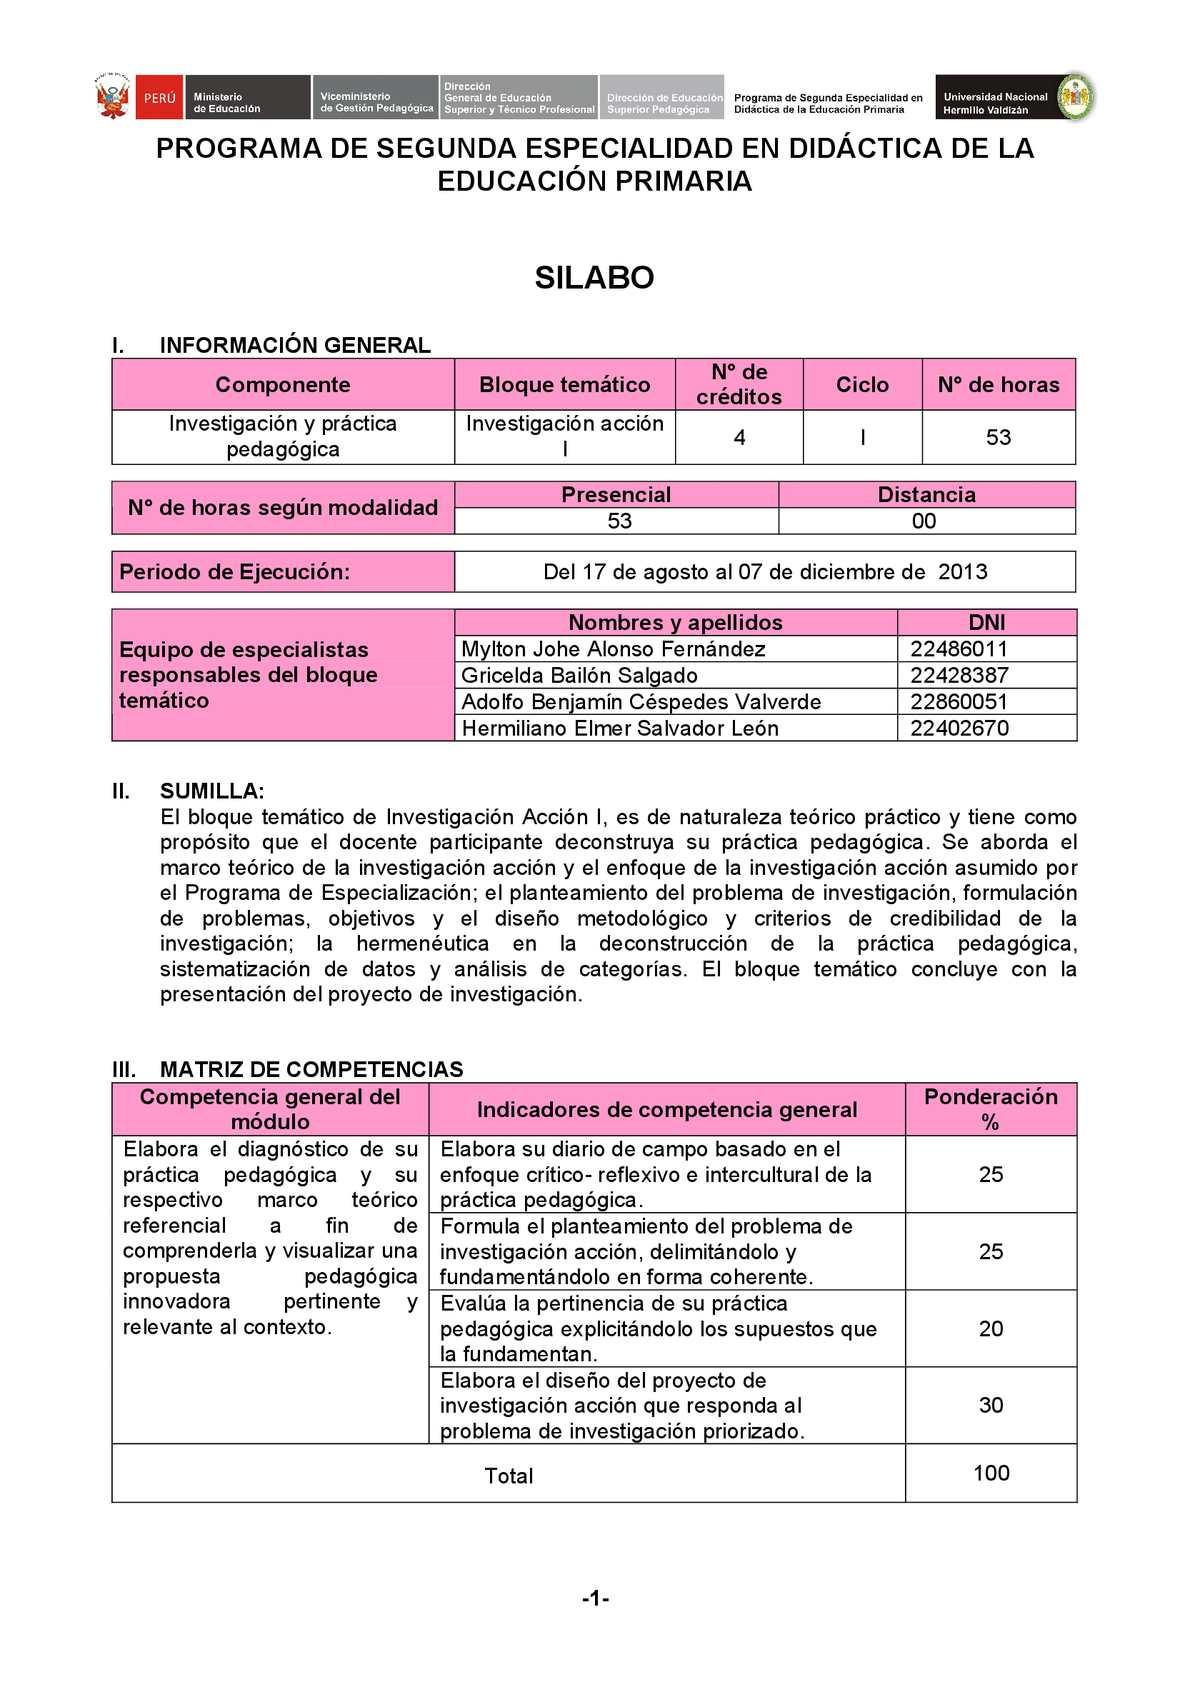 SILABO BLOQUE TEMATICO INVESTIGACION ACCION